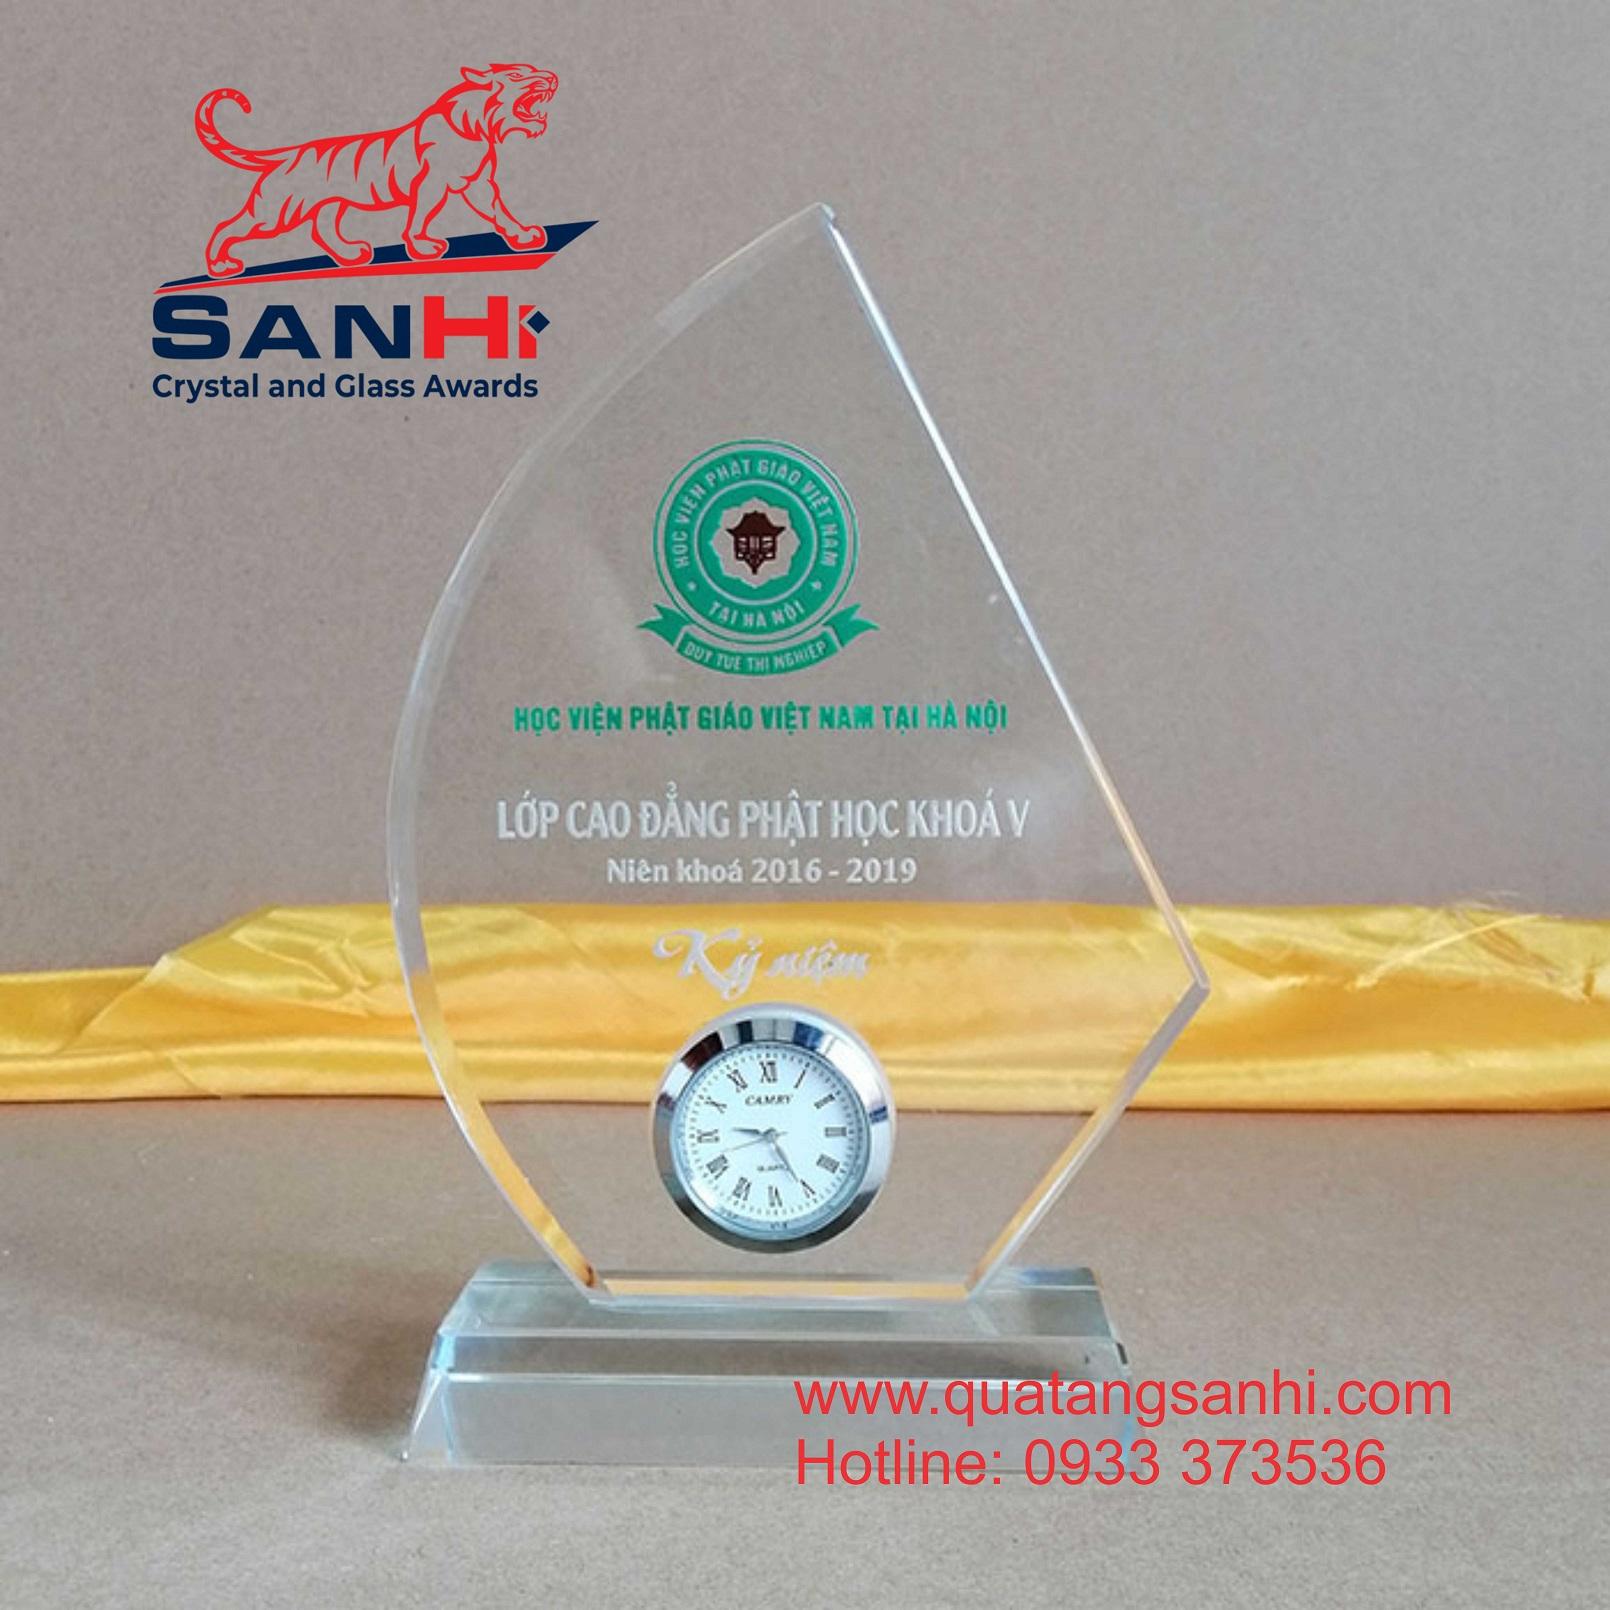 Kỷ Niệm Chương Pha Lê SanHi-PL013 gắn đồng hồ